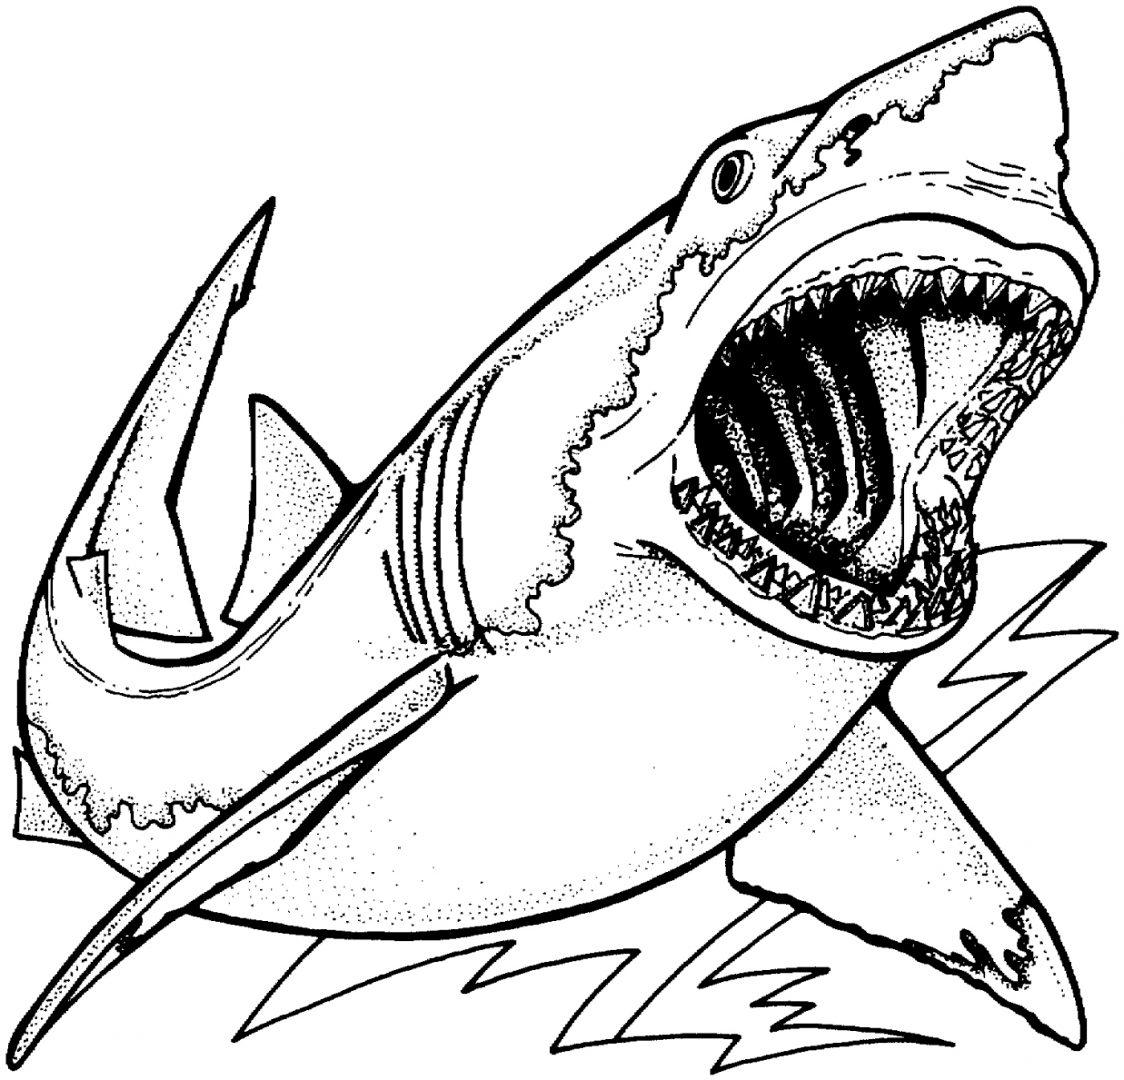 Galería de imágenes: Dibujos de tiburones